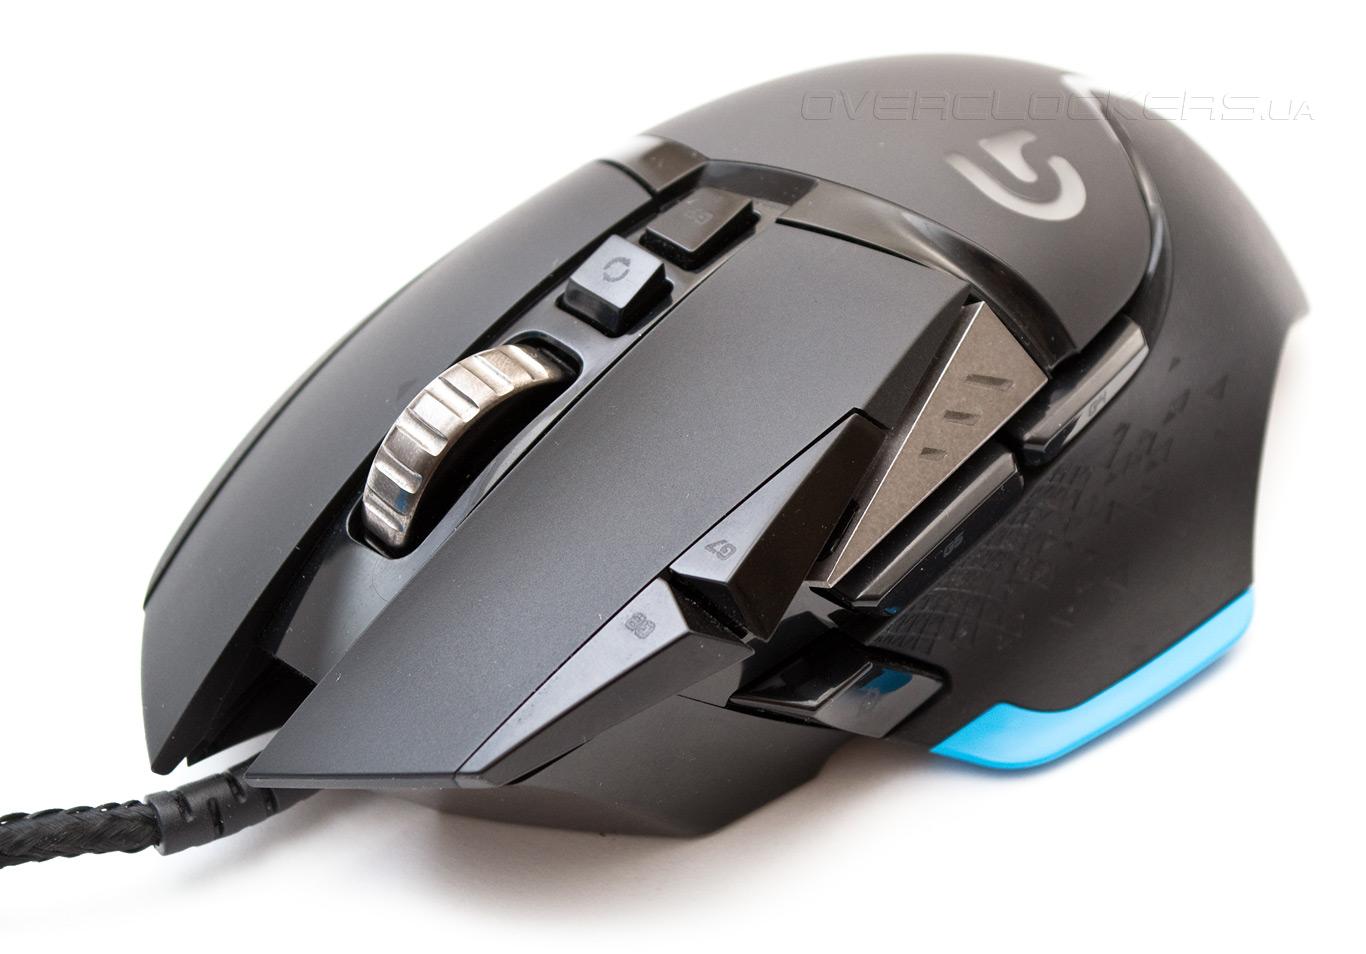 Logitech G 502 Logitech G502 Gaming Mouse Gets An Upgrade 2018 09 10